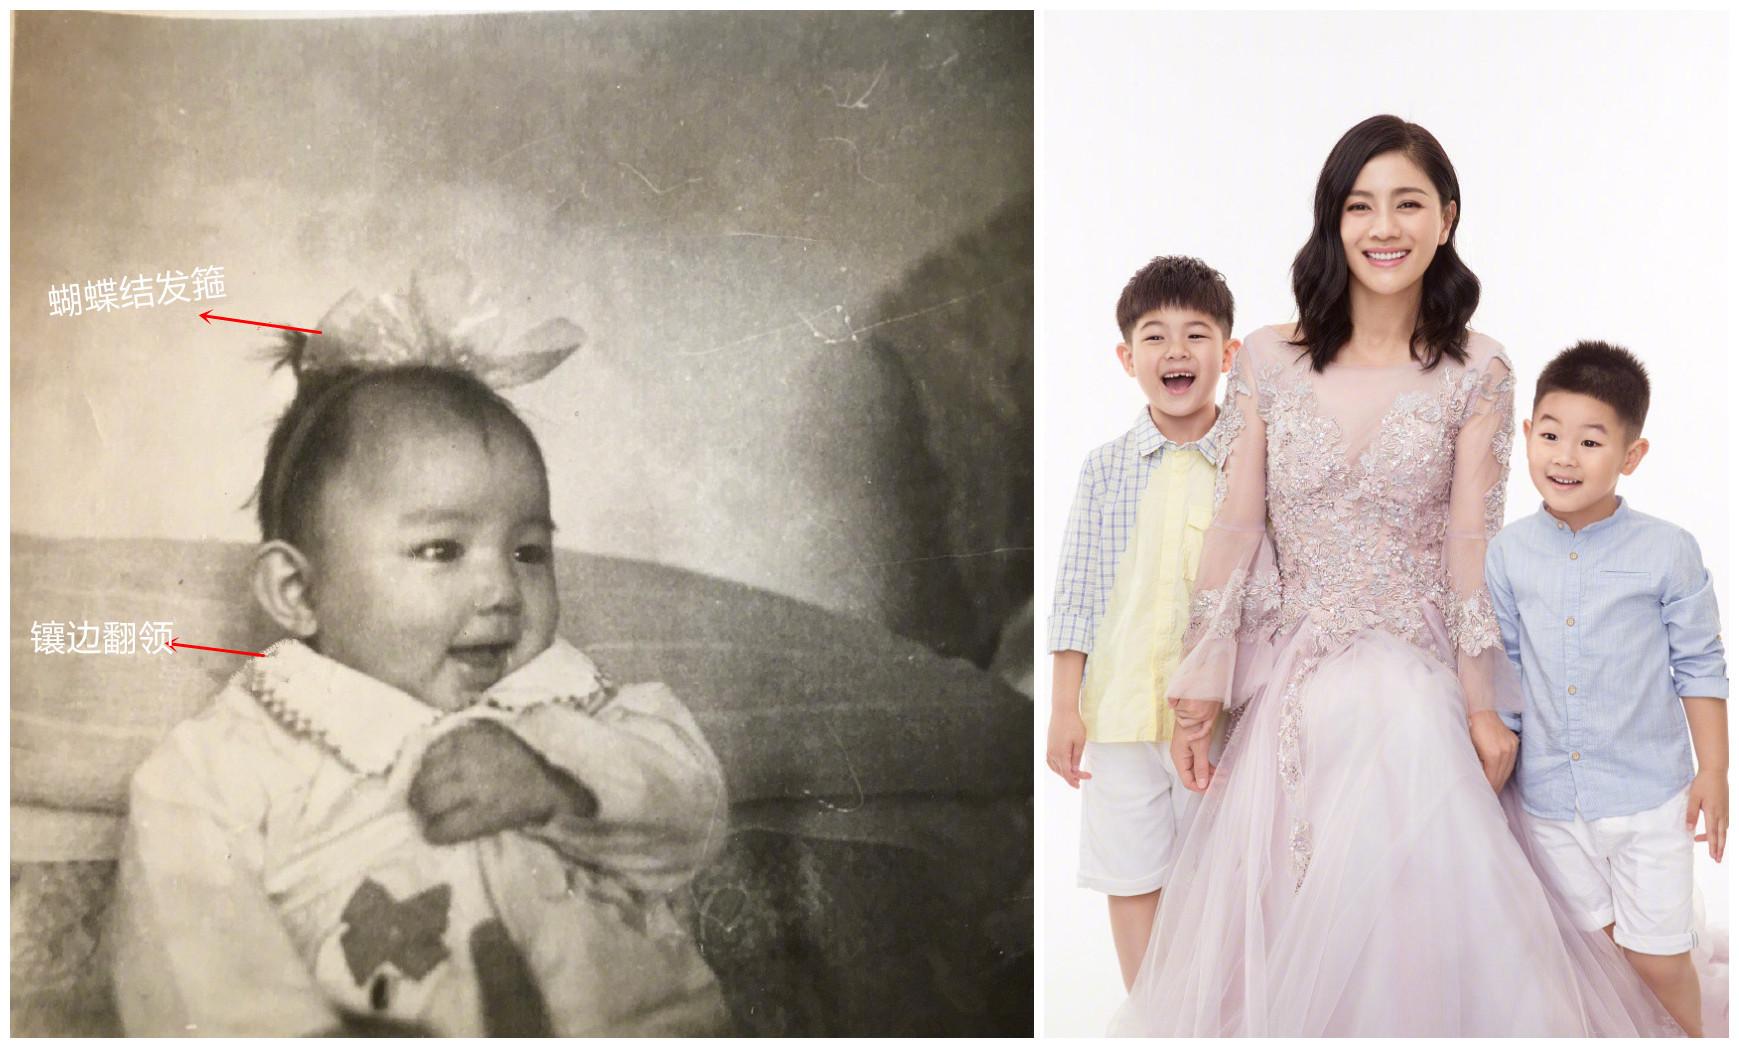 明星同晒童年照,真是想不到十几年前的她们穿得竟如此时髦